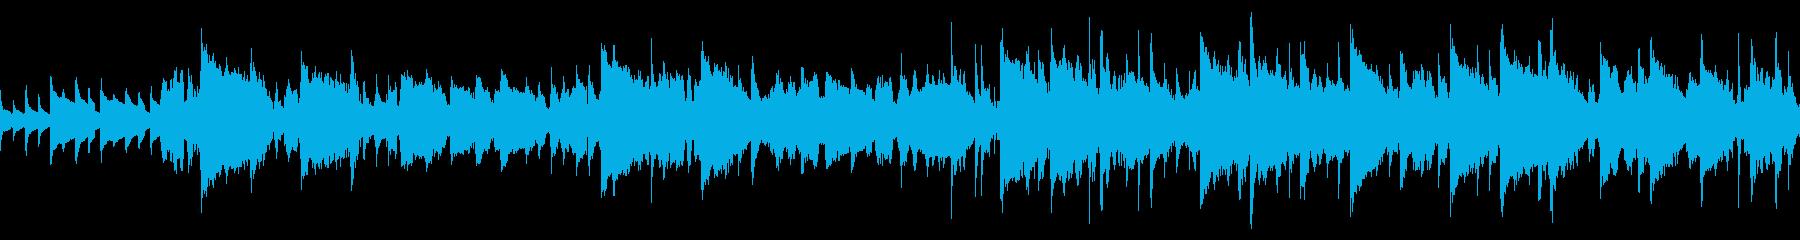 月の波紋 RPG ゲーム ループ 歌の再生済みの波形